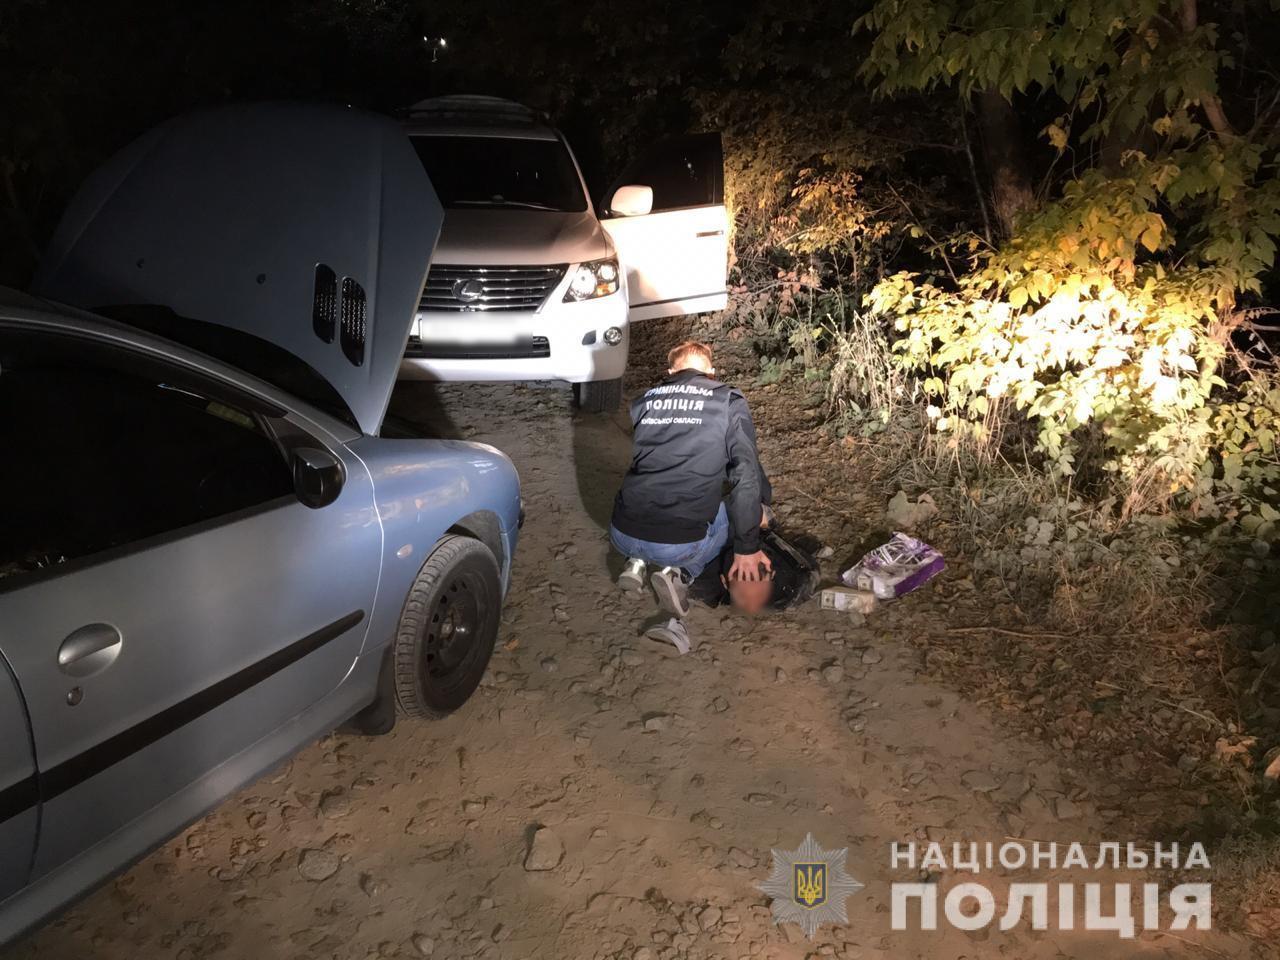 На Обухівщині затримали банду нападників на підприємця - іноземці, банда - Rozbij3